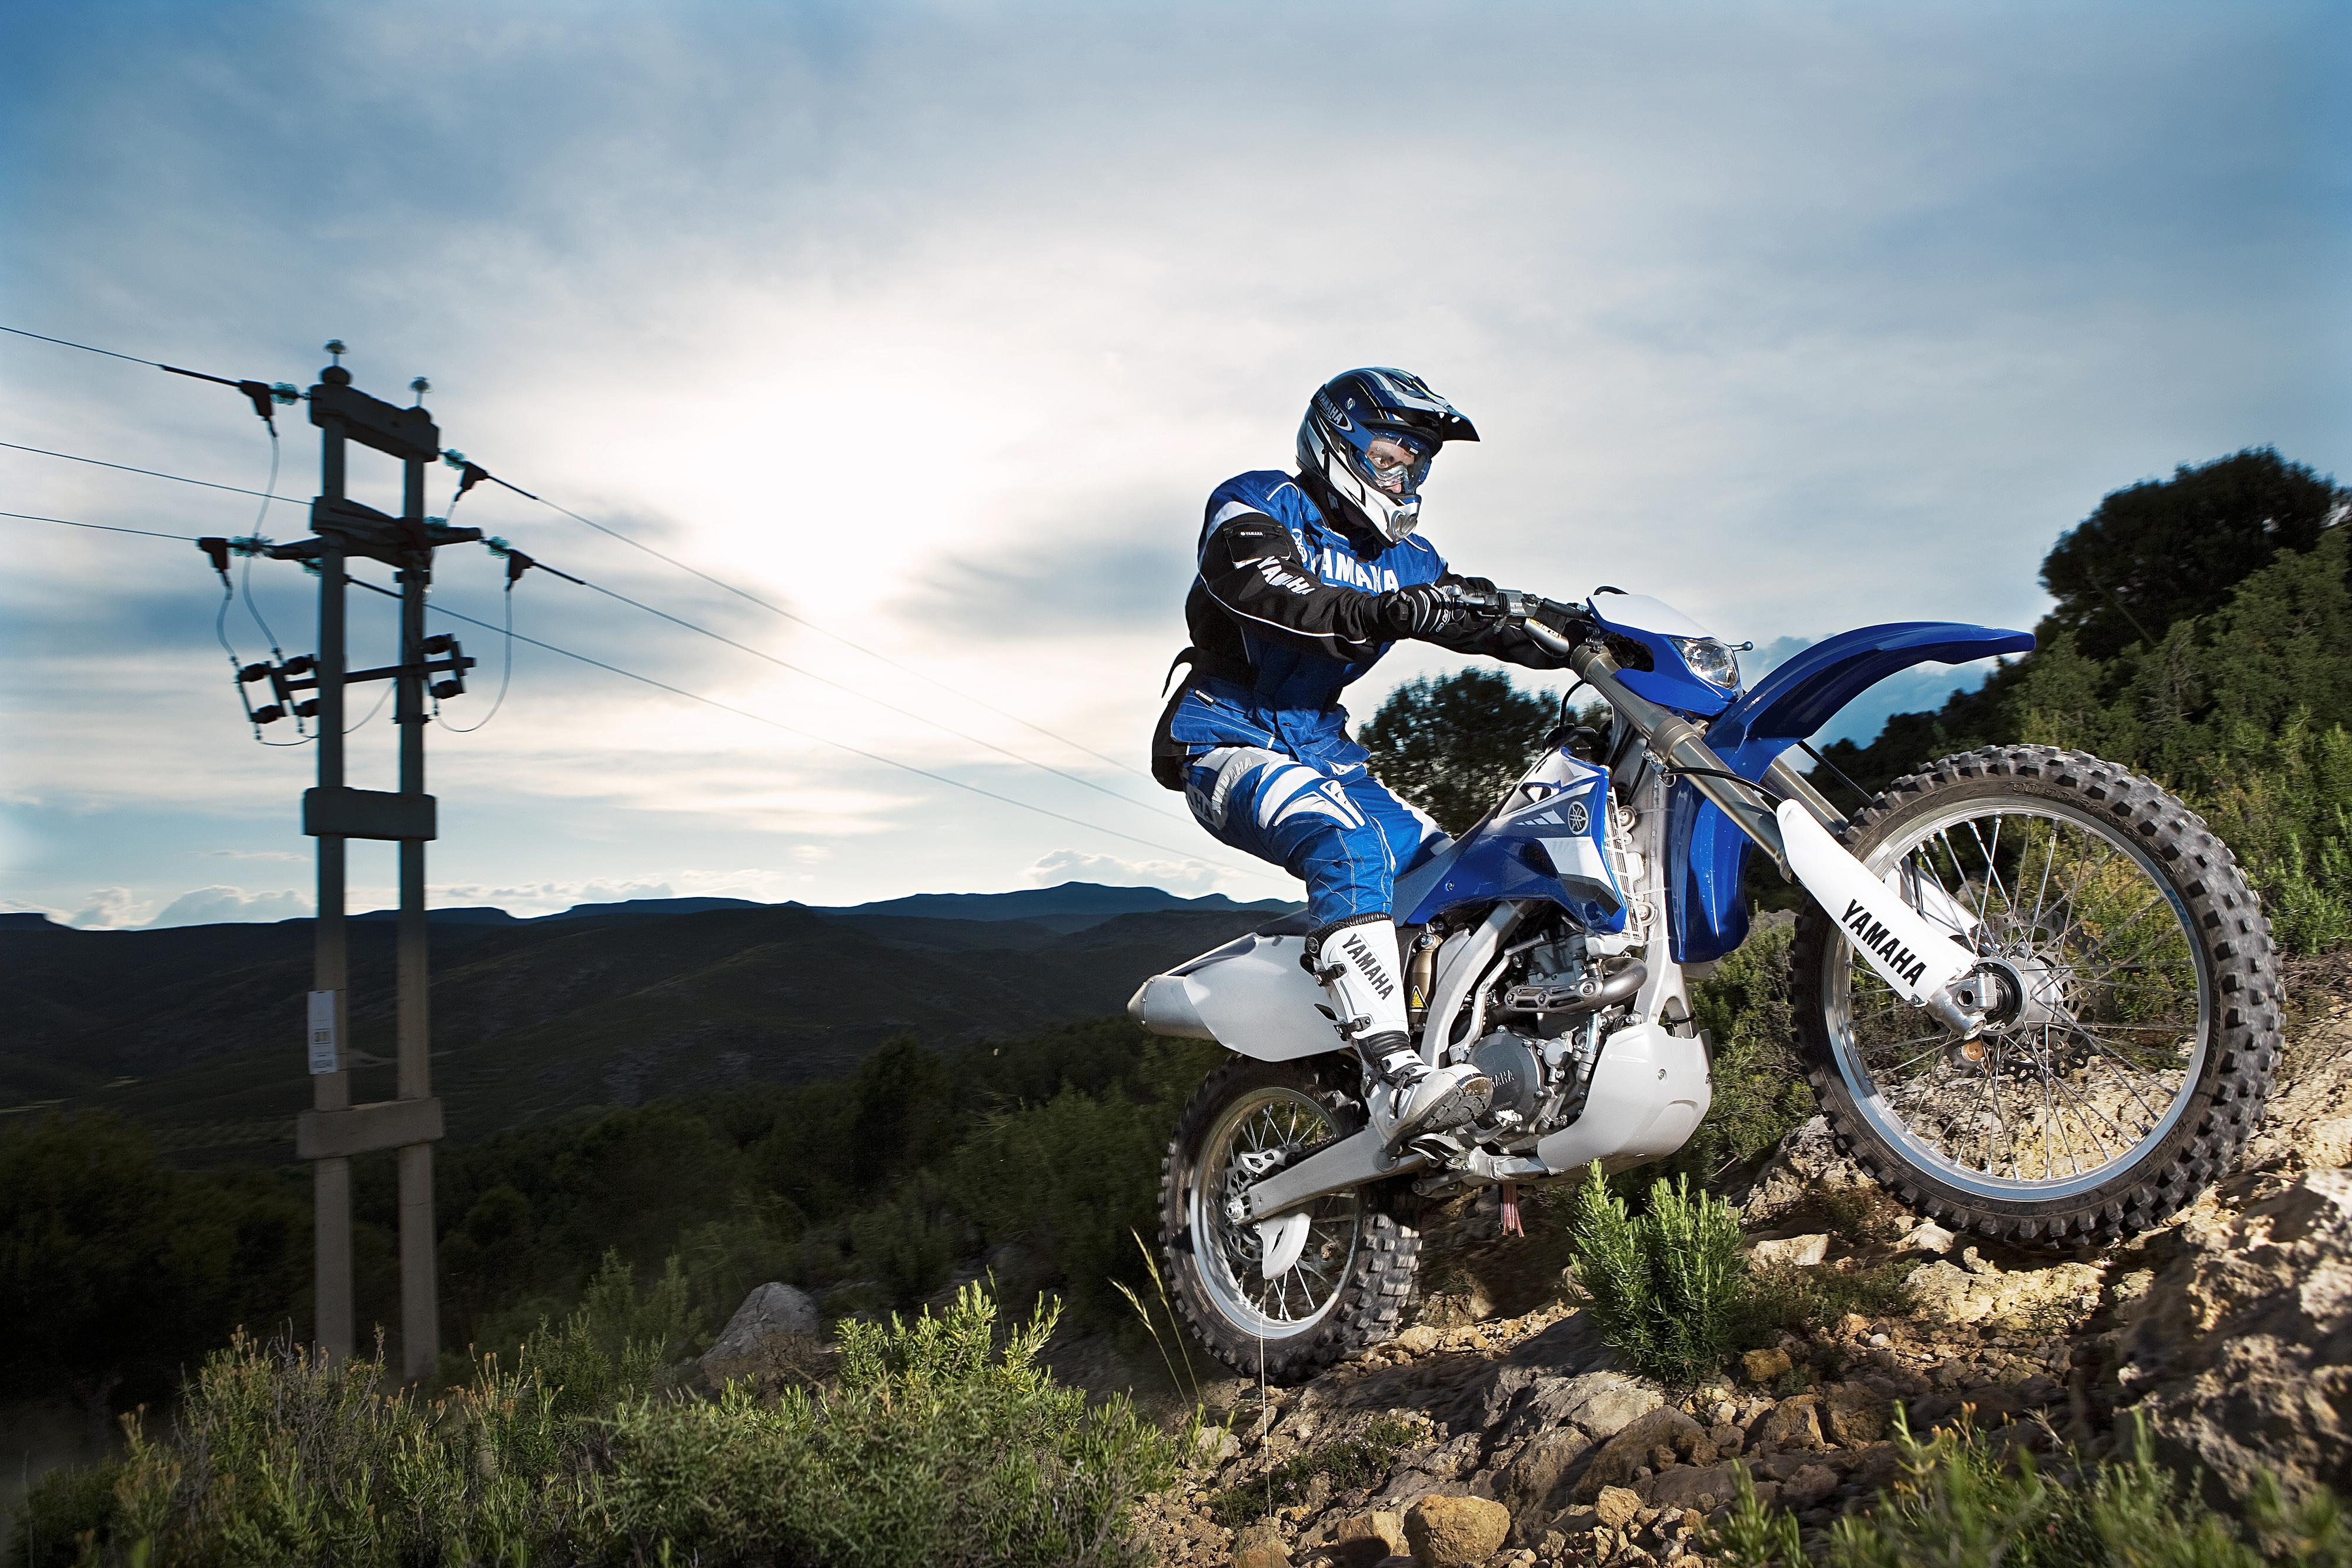 разделе фото картинки кроссовых мотоциклах называют болезни